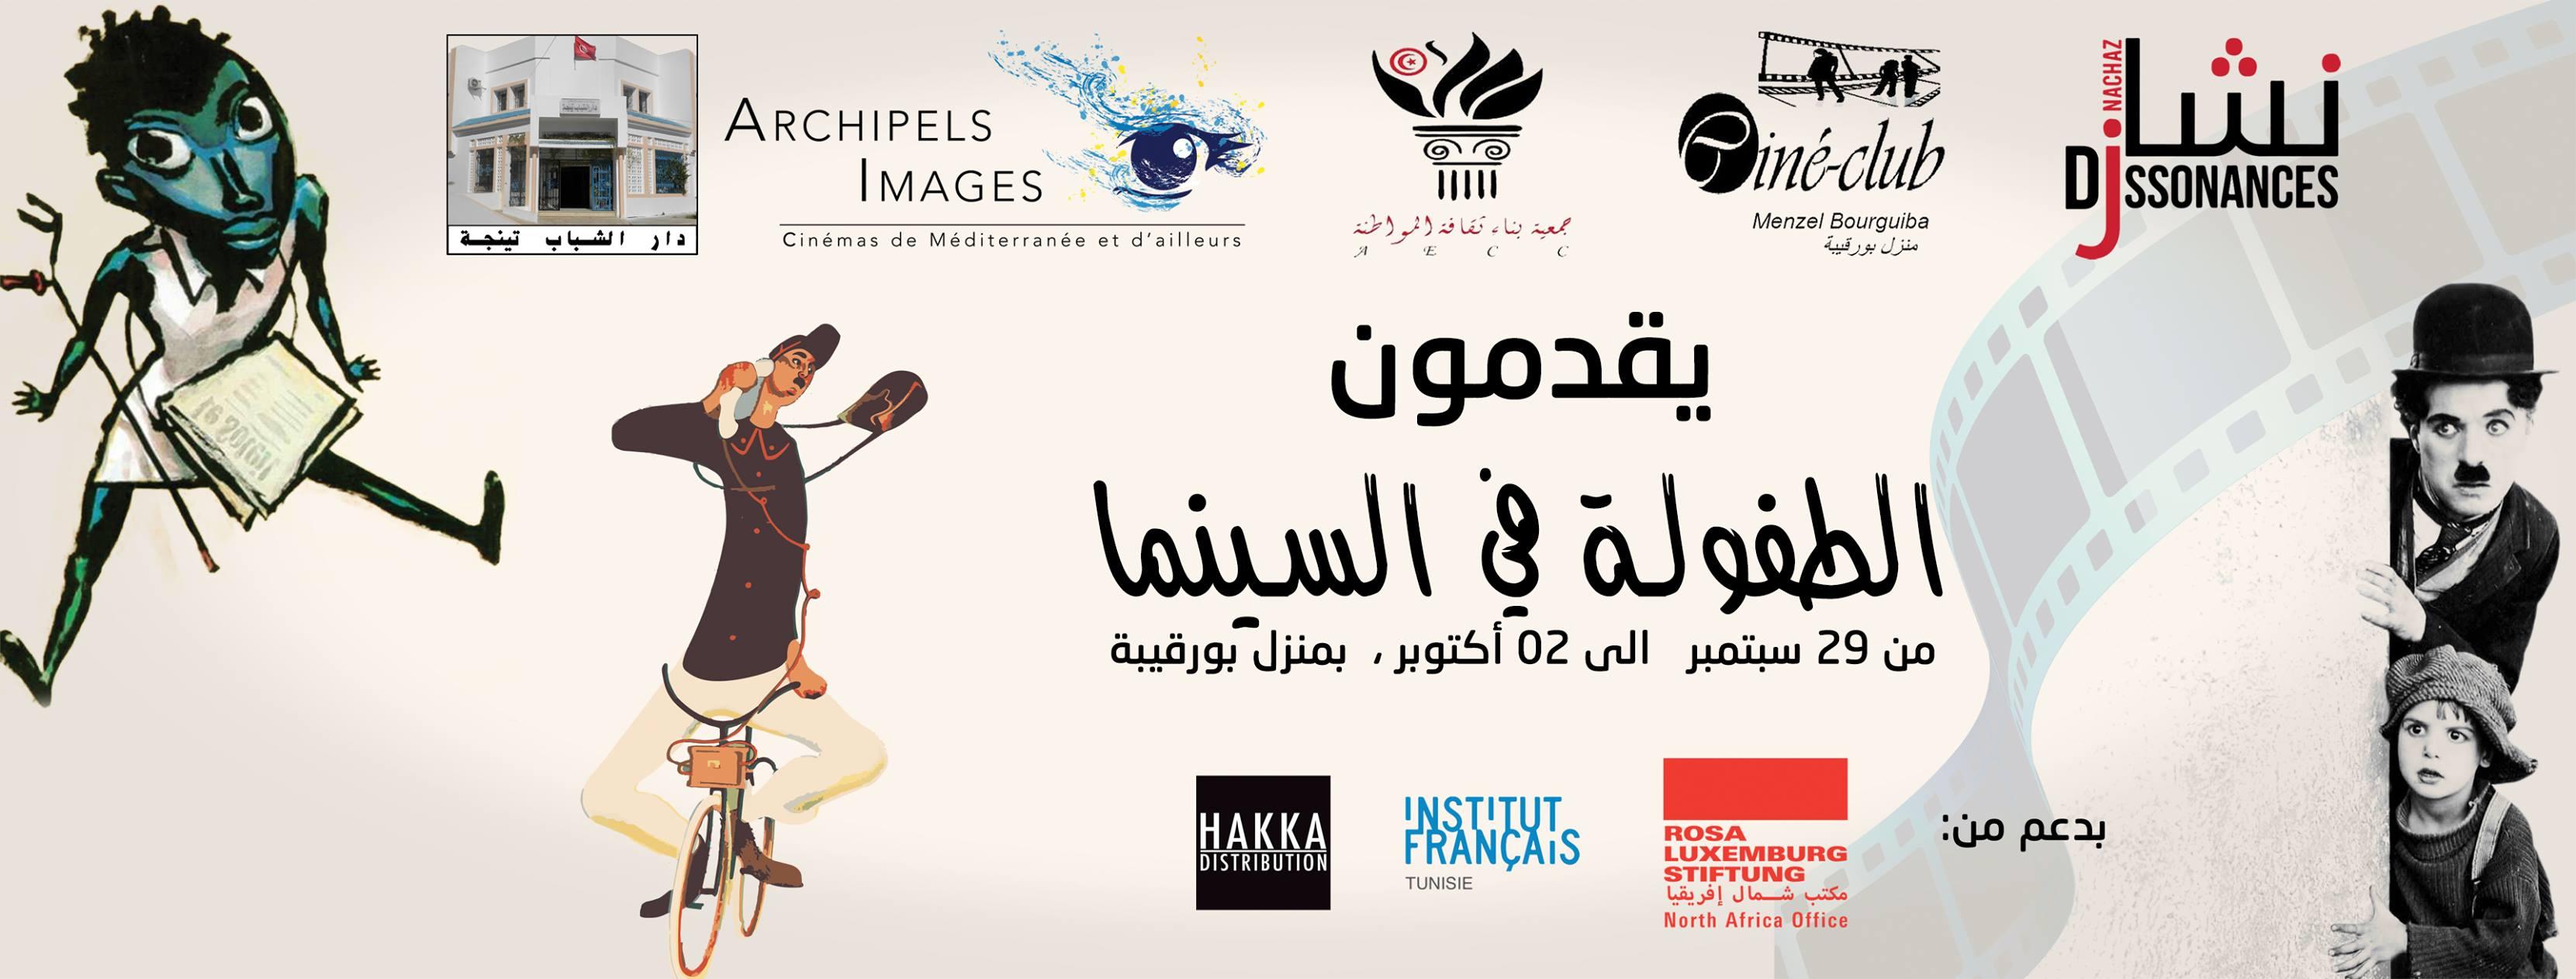 L'enfance dans le cinéma : manifestation culturelle à Menzel Bourguiba